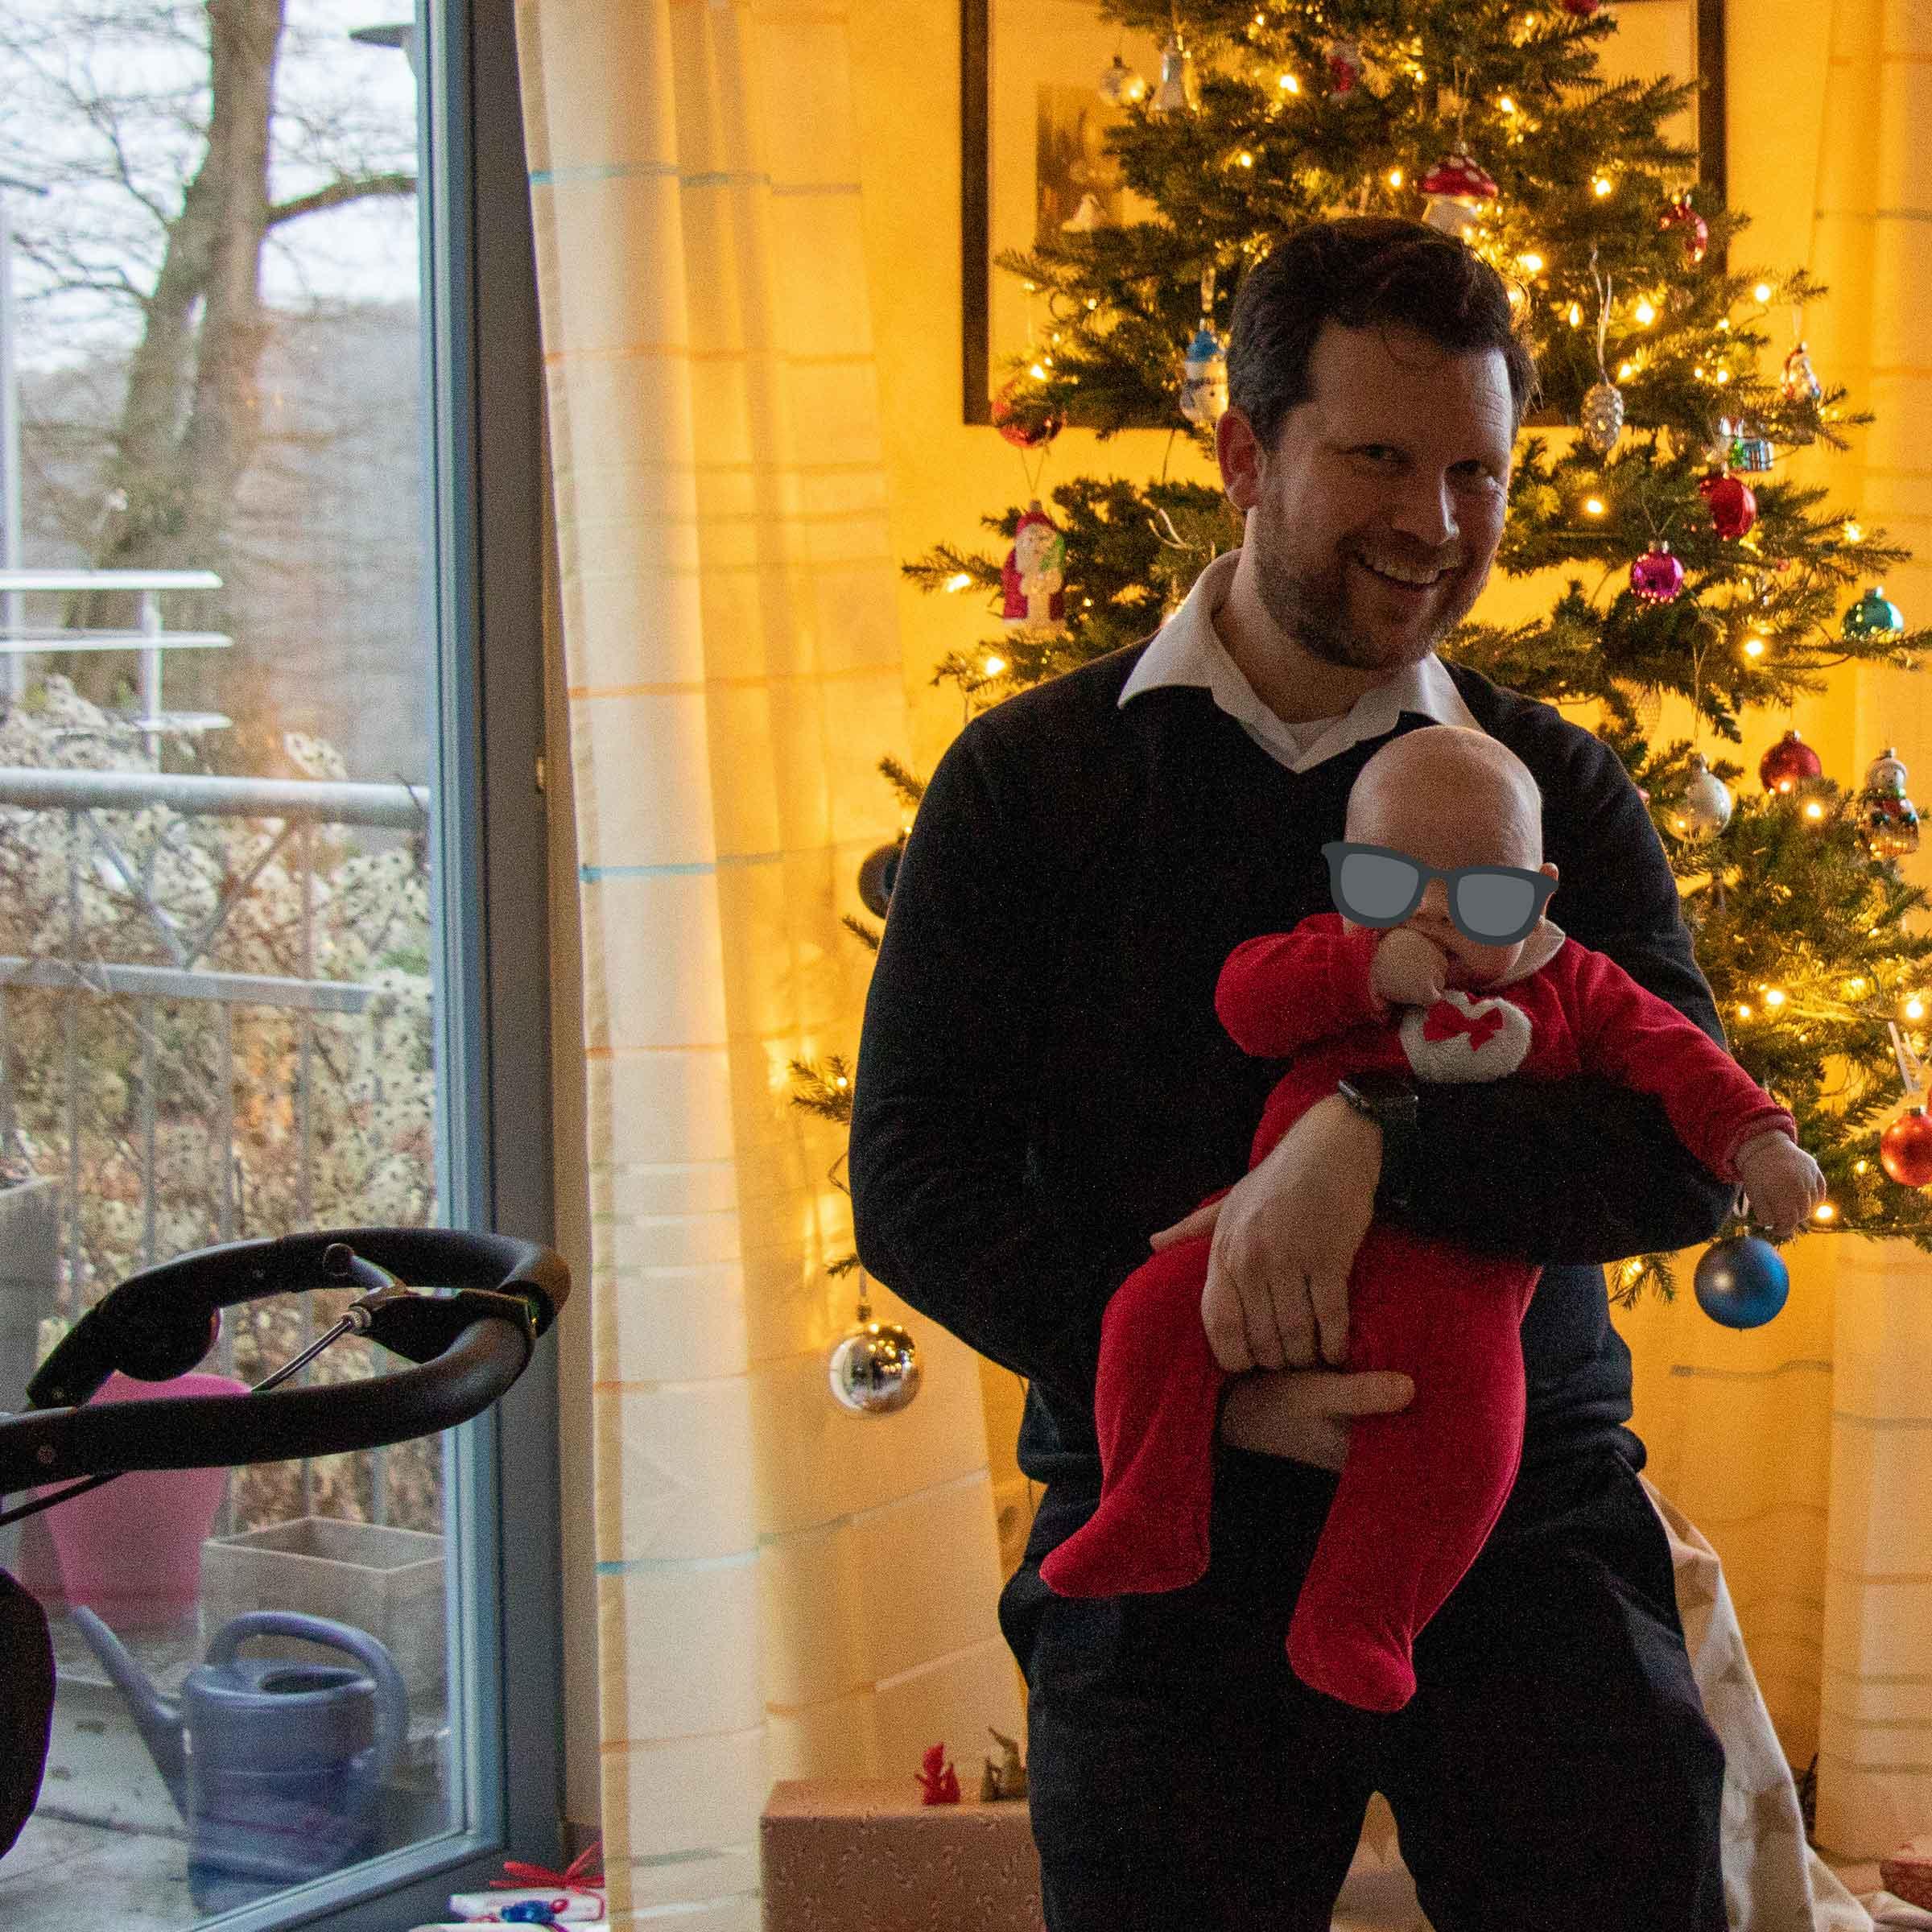 Ein Mann (ich) hält ein Baby (Klein-Lea, roter Strampler mit Schleife auf der Brust), im Hintergrund ein beleuchteter Weihnachtsbaum.